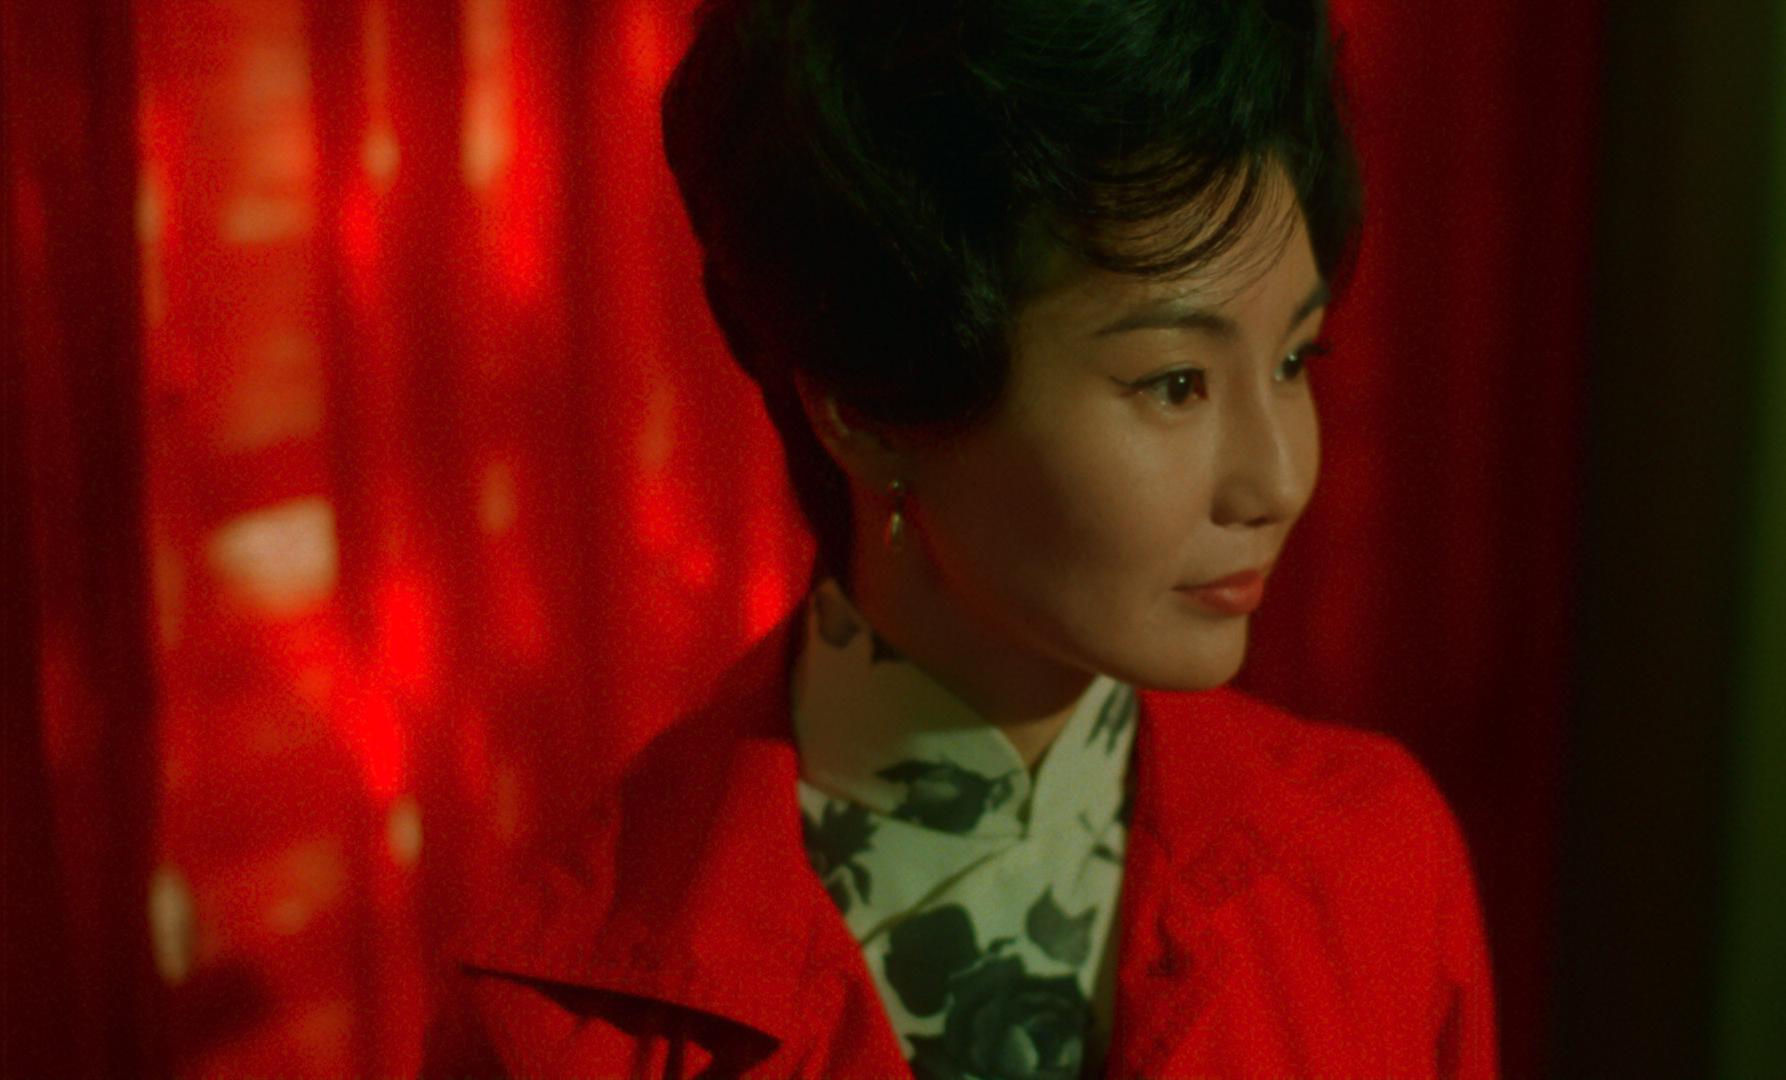 Still image from Wong Kar-Wai film.